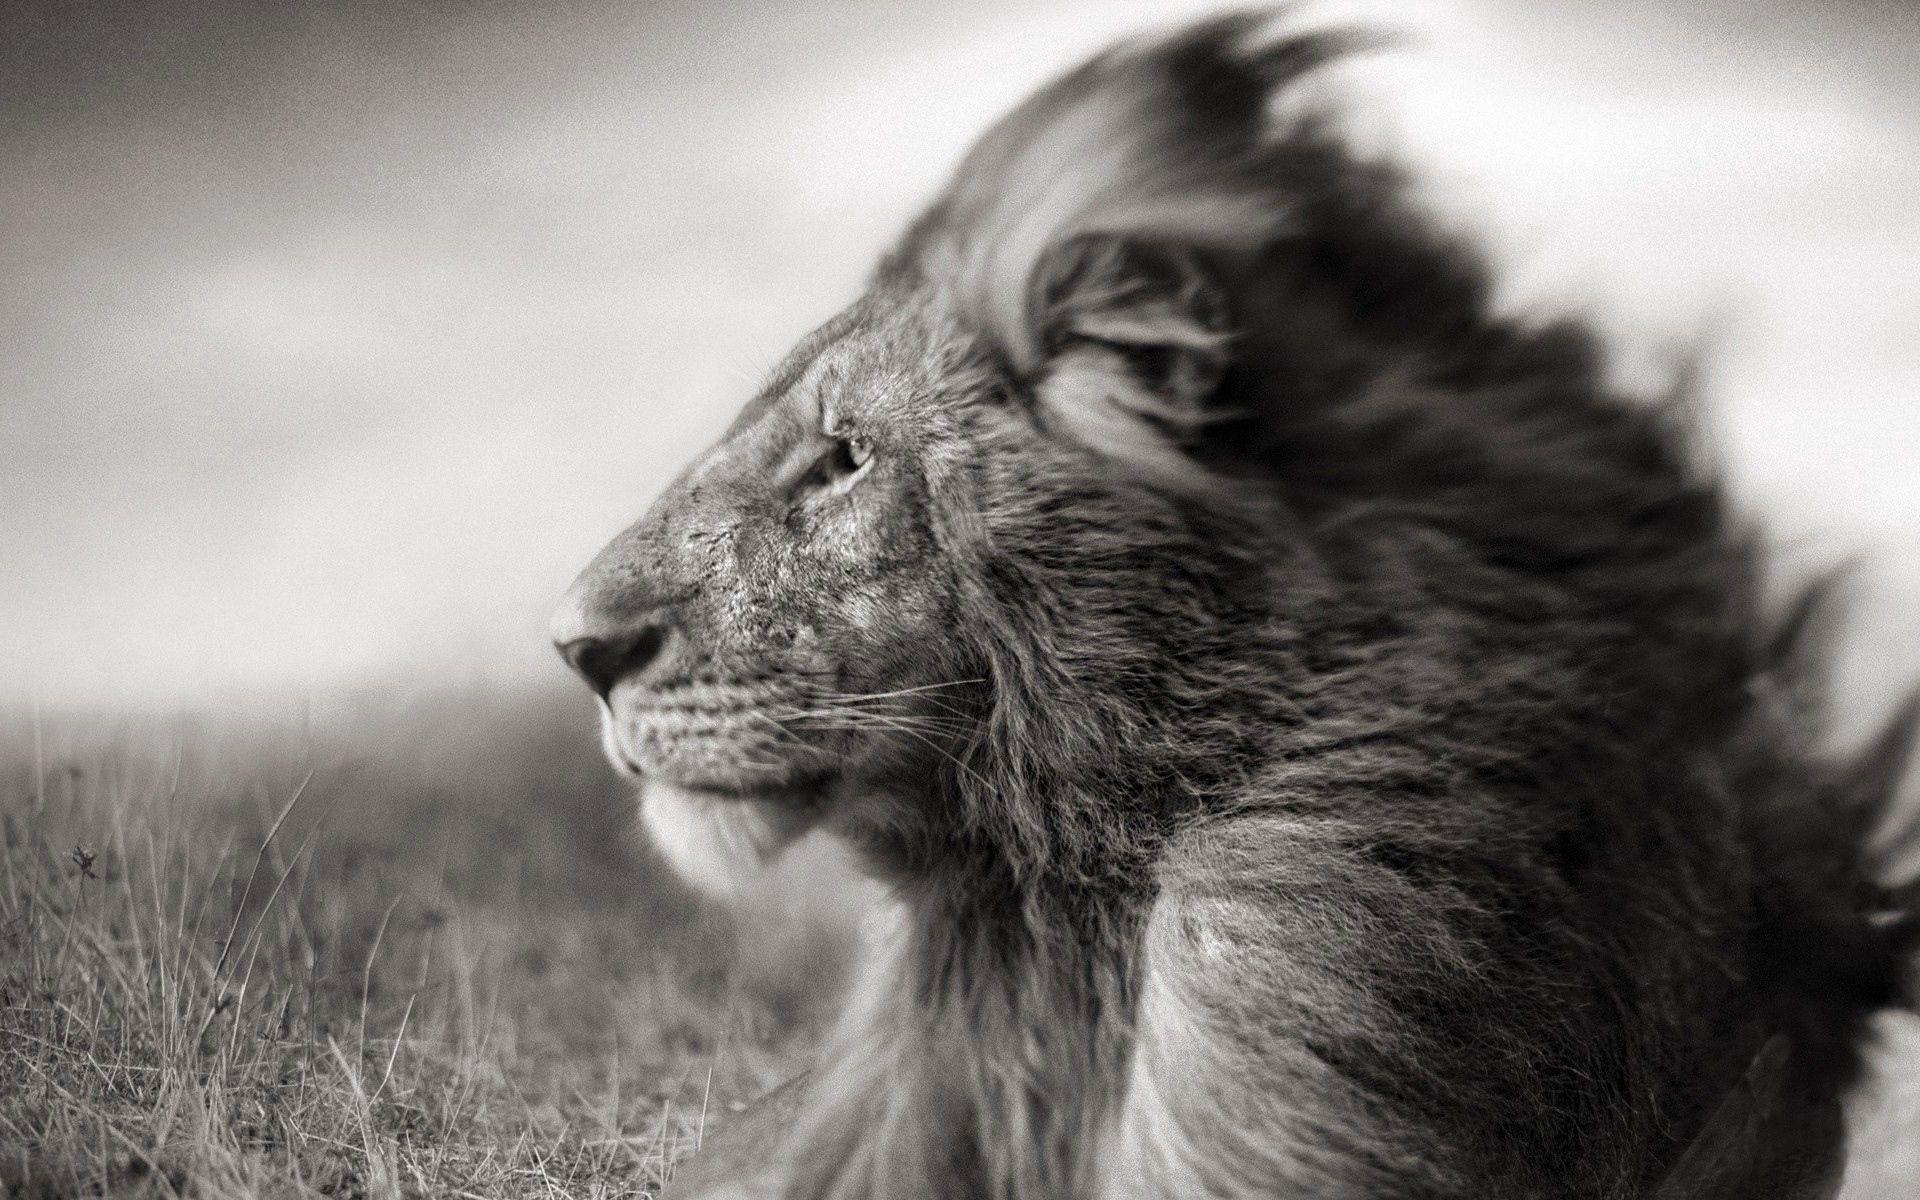 74209 Hintergrundbild herunterladen Tiere, Schnauze, Feld, Ein Löwe, Löwe, Bw, Chb, Mähne, Wind - Bildschirmschoner und Bilder kostenlos